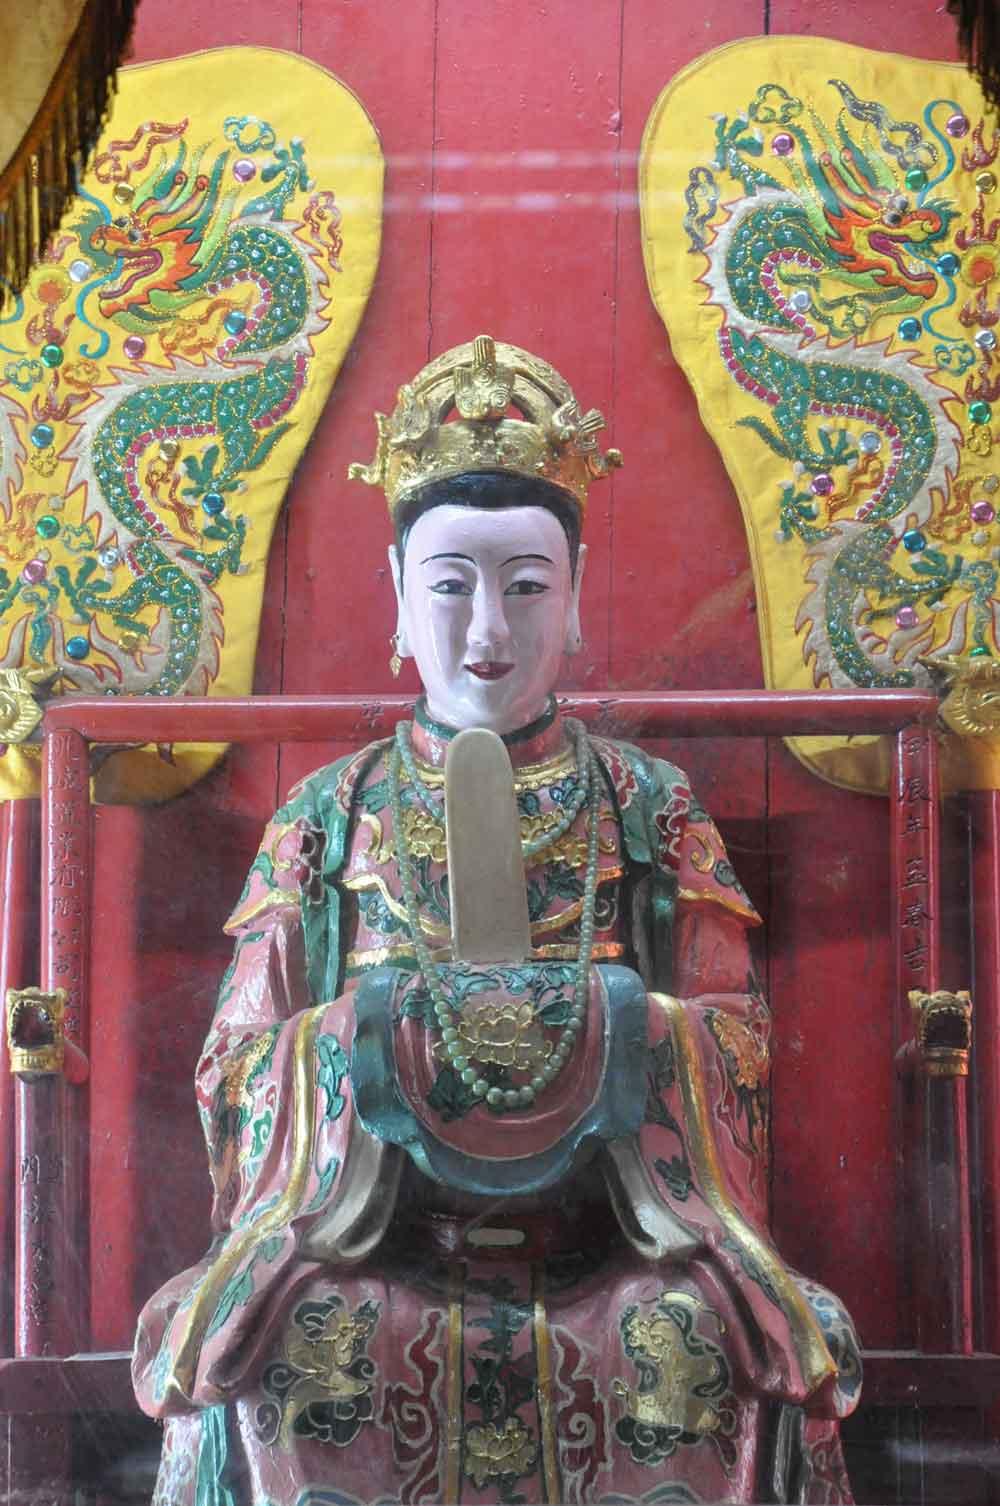 Coloane Village Temples: Tin Hau Temple A Ma idol